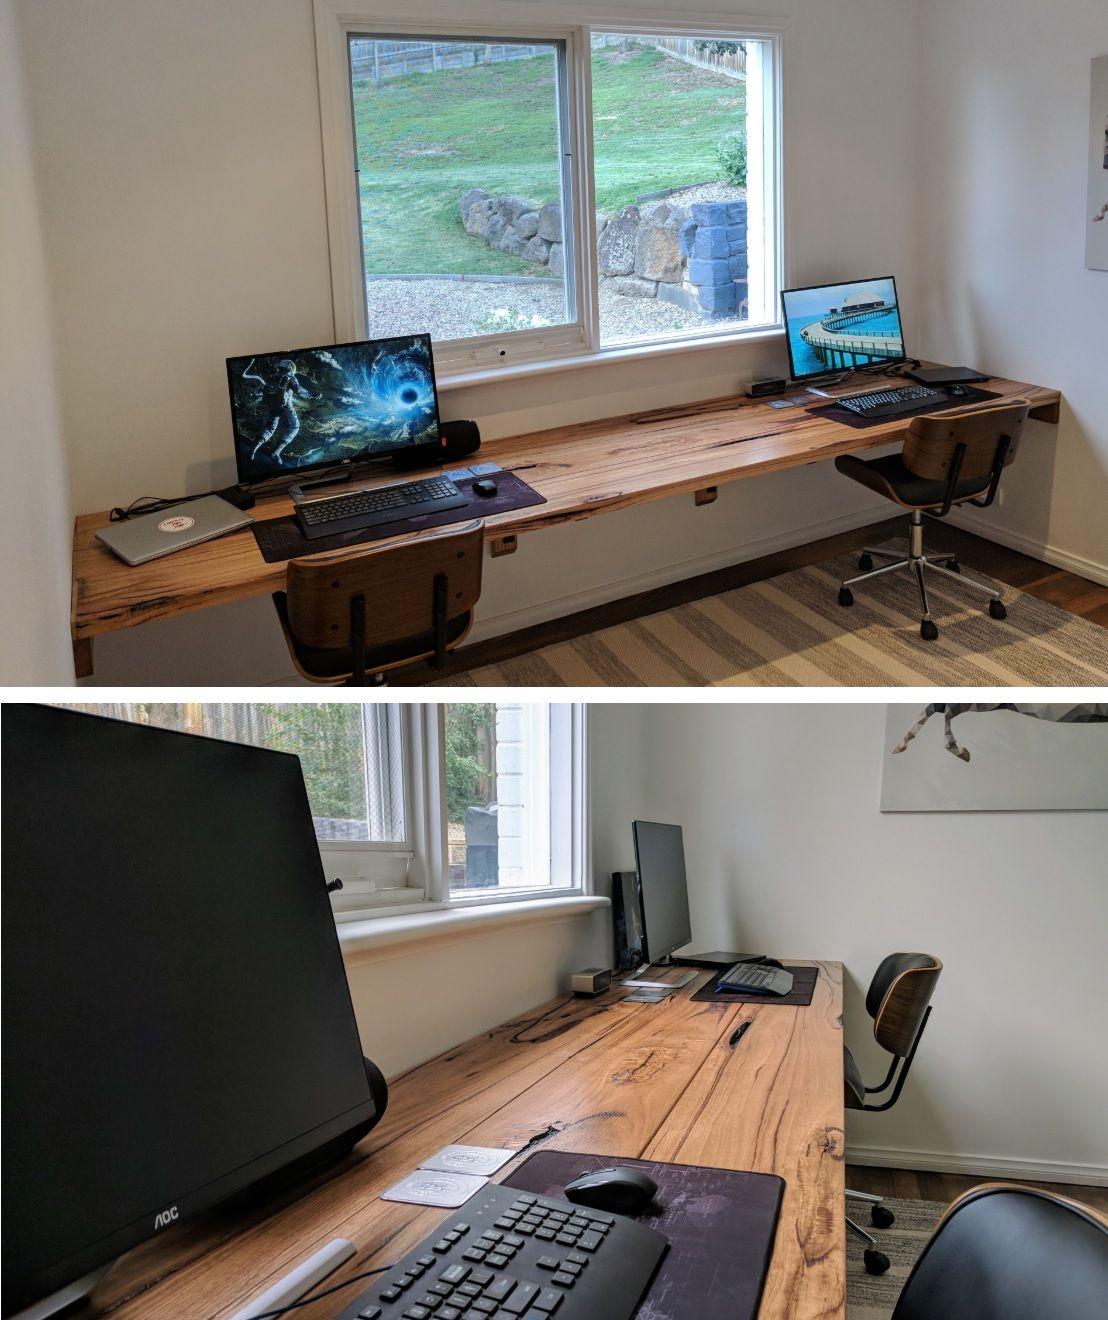 A two-person live edge shelf desk